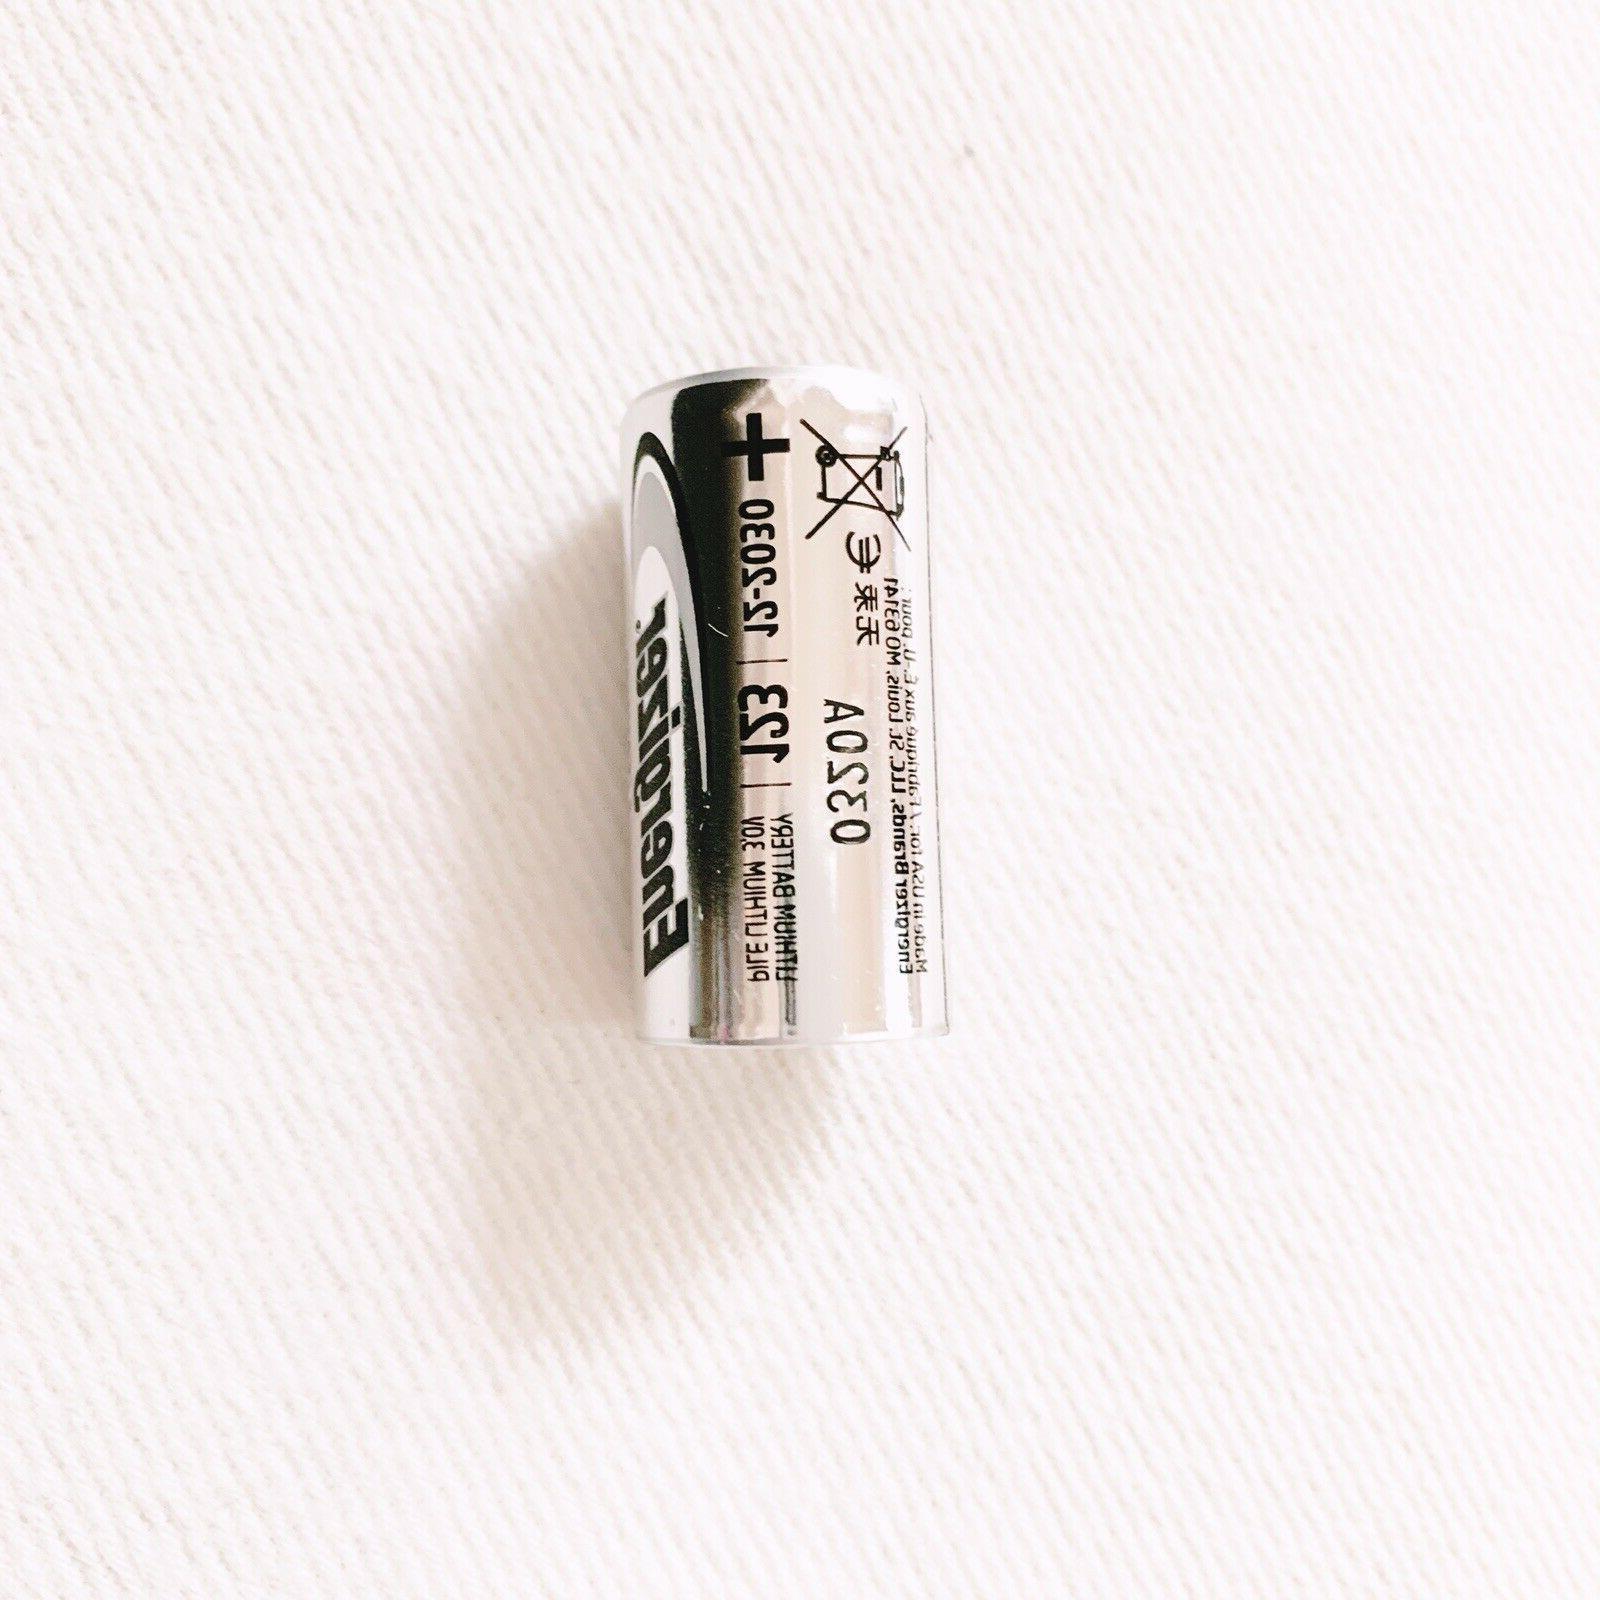 Energizer 3V Batteries